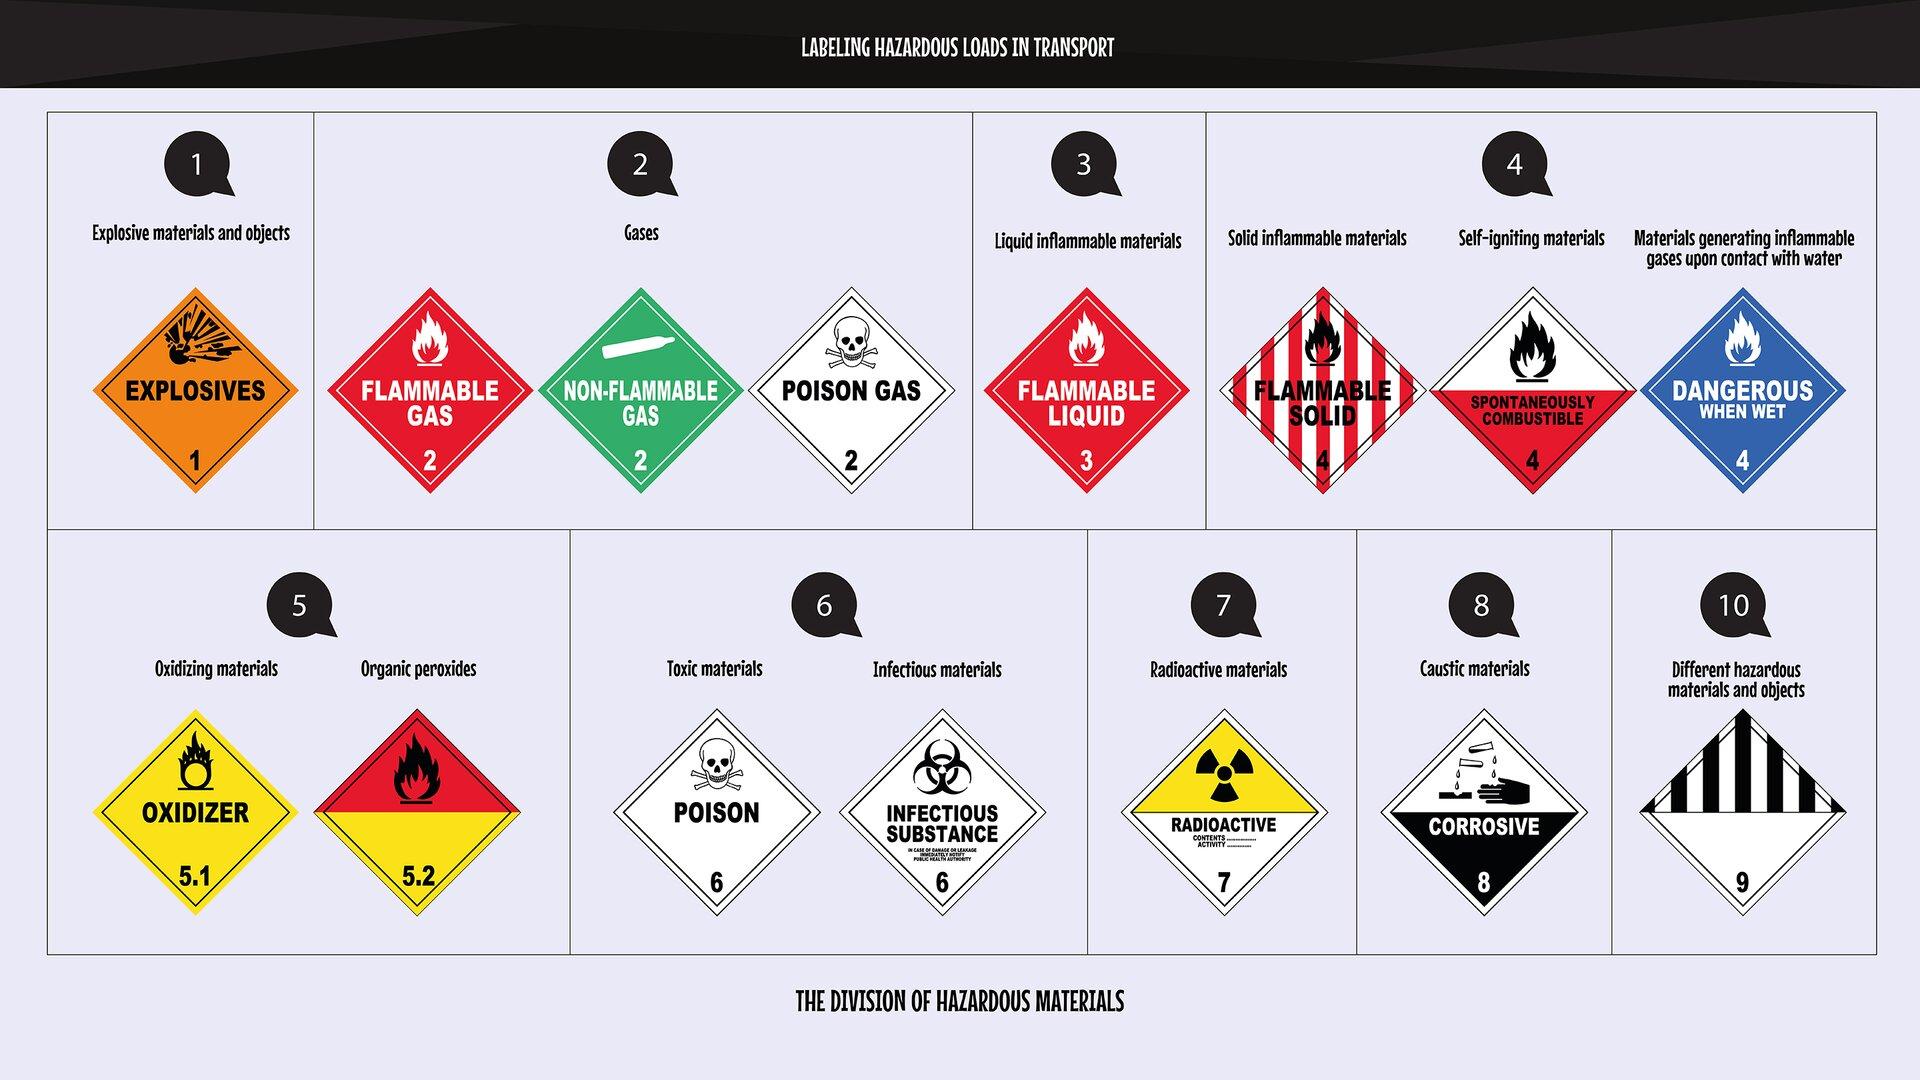 The graphics present the division of hazardous materials into 13 classes and their specifications.Grafika przedstawia podział materiałów niebezpiecznych na 13 klas zagrożeń oraz zawiera ich klasyfikację wposzczególnych klasach.